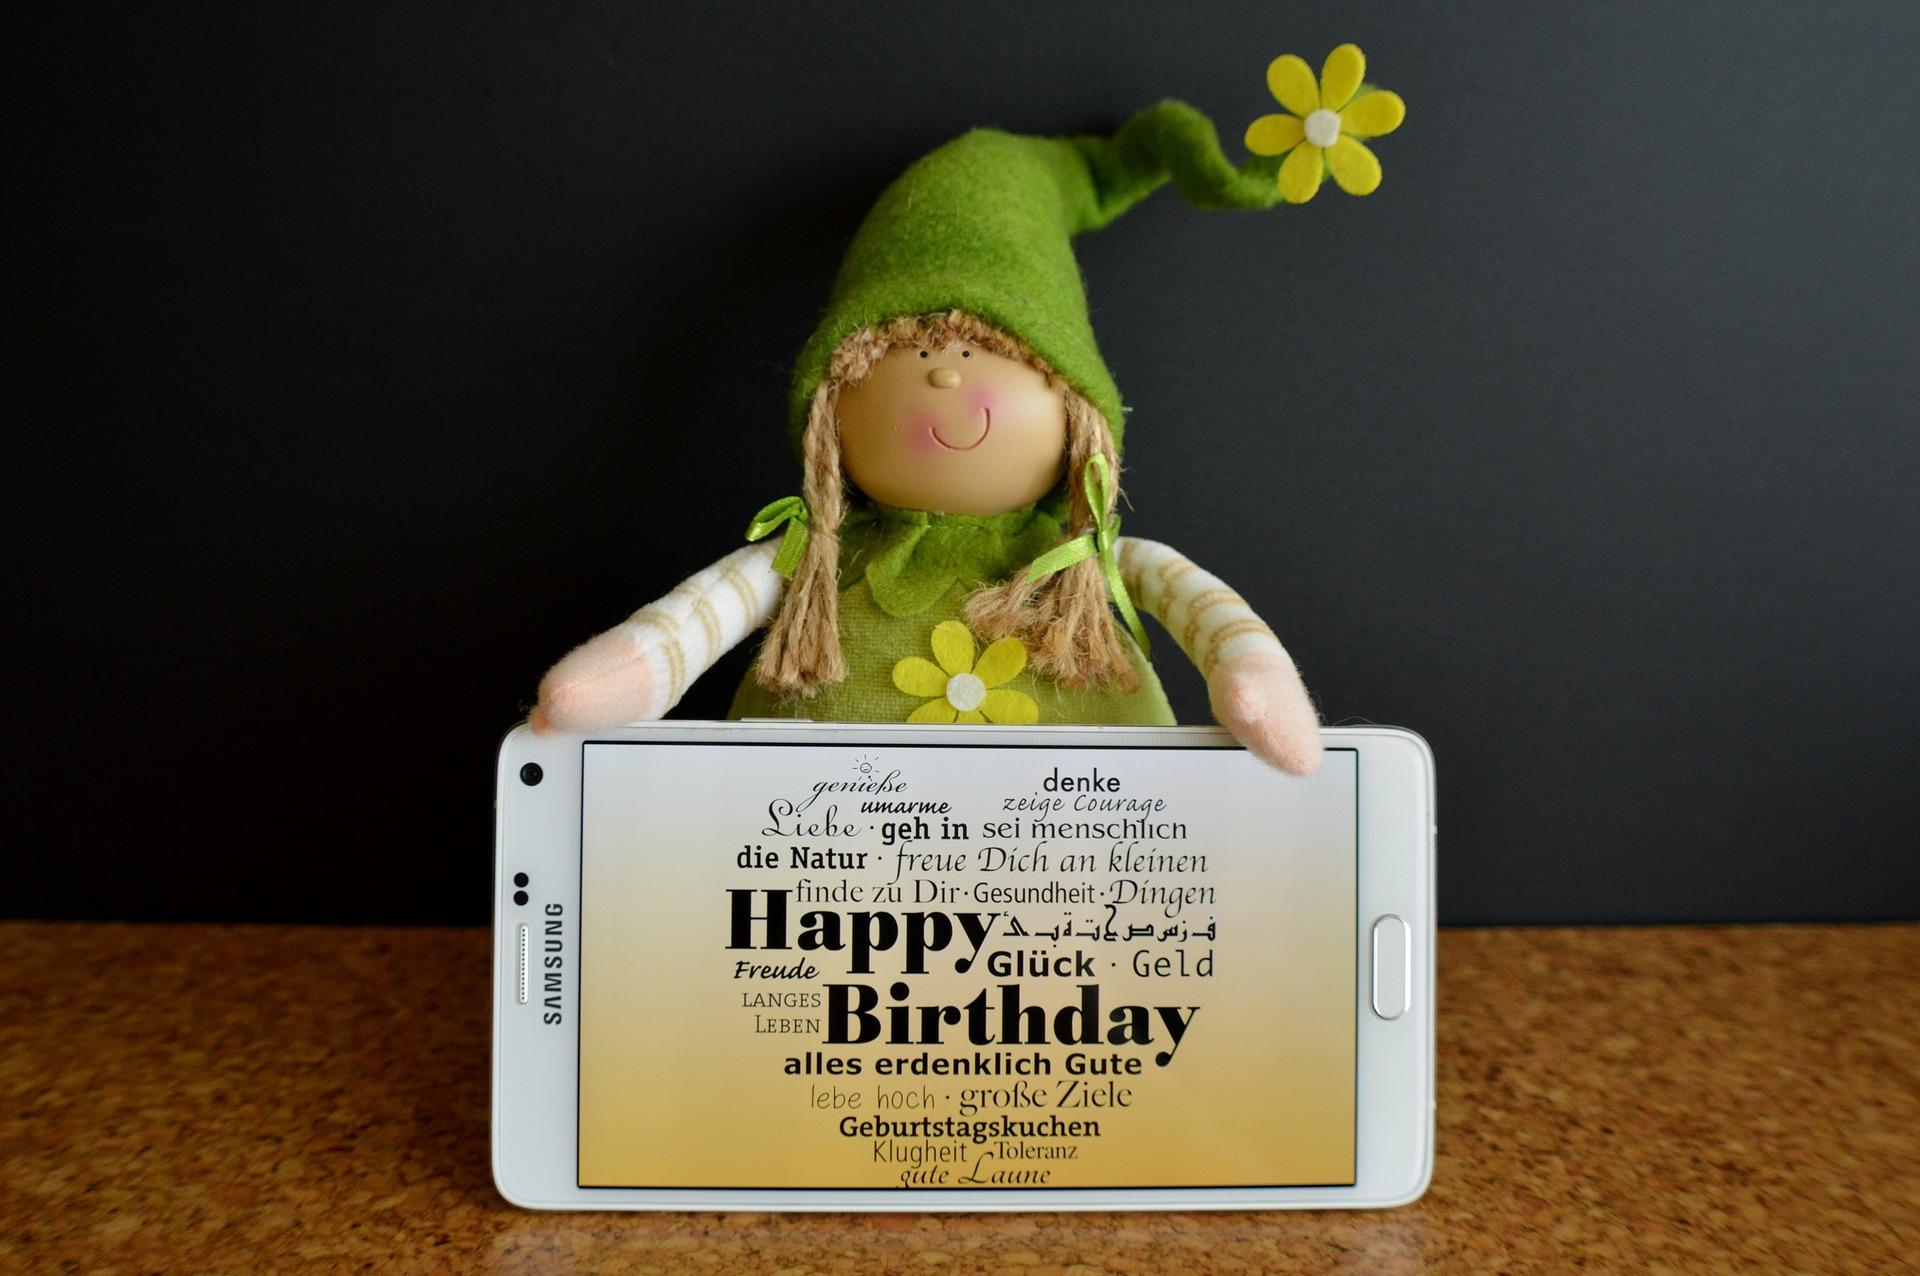 Sexy Geburtstag Wünsche